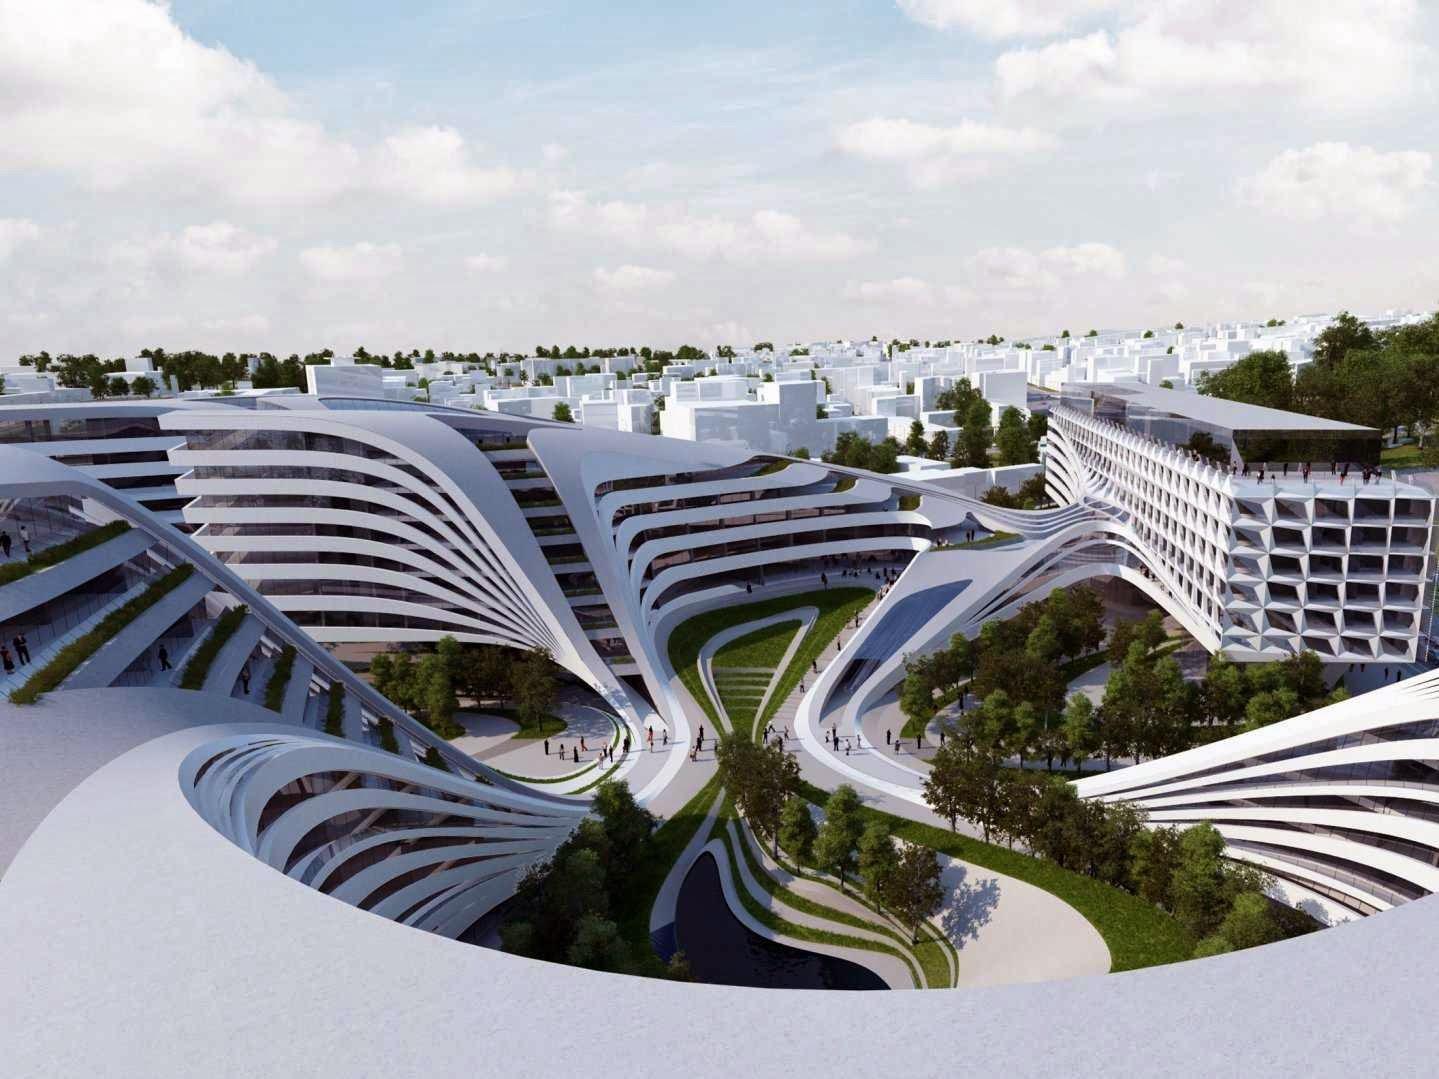 S i arquitectura los mejores arquitectos del mundo for Arquitectura zaha hadid